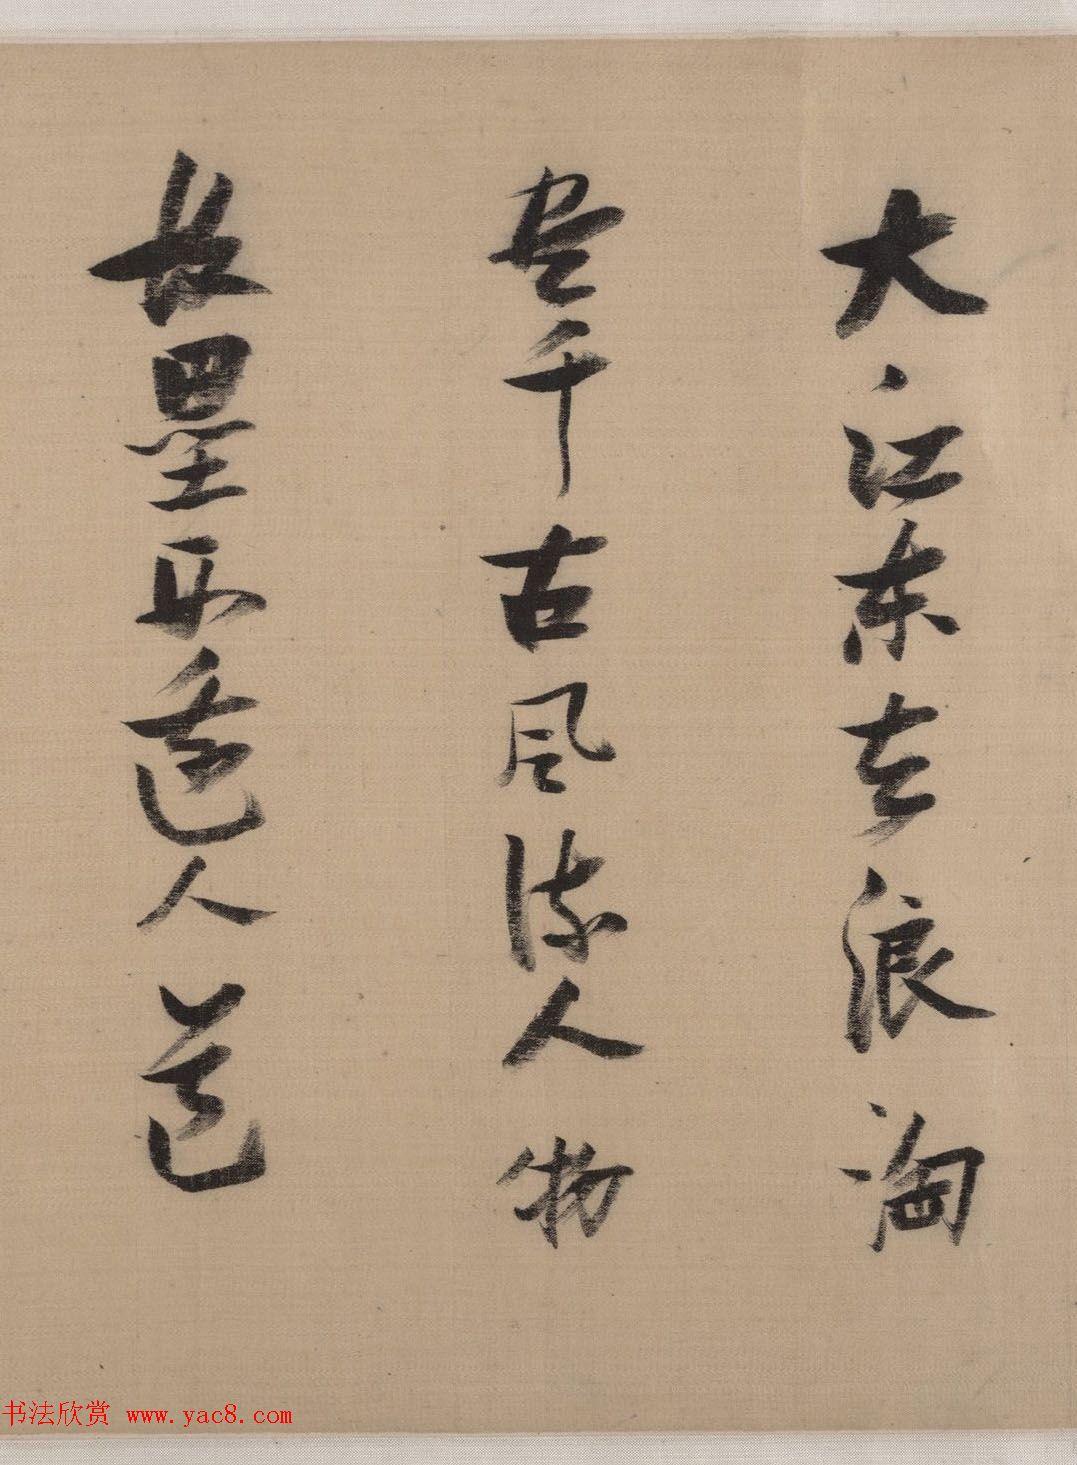 张瑞图书画欣赏《后赤壁图卷》美国大都会藏